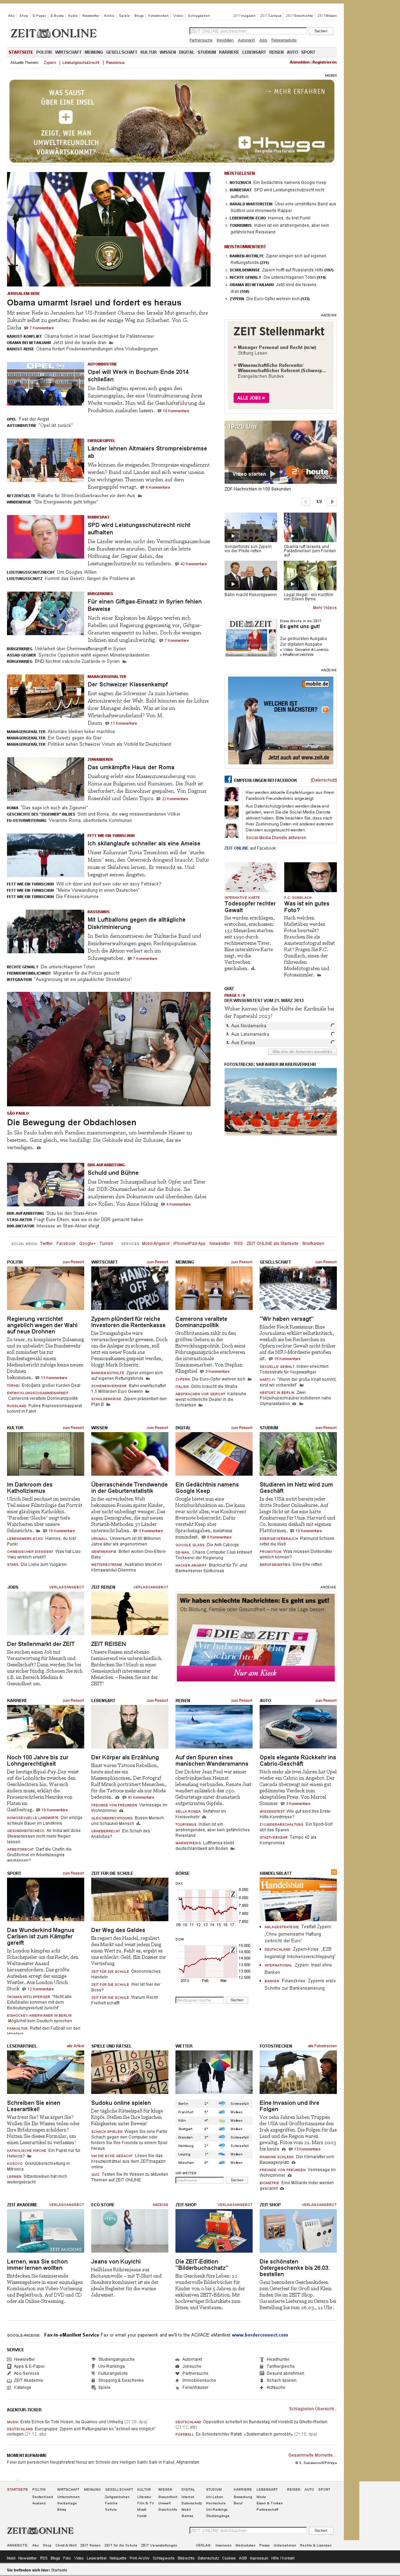 Zeit Online at Thursday March 21, 2013, 8:26 p.m. UTC